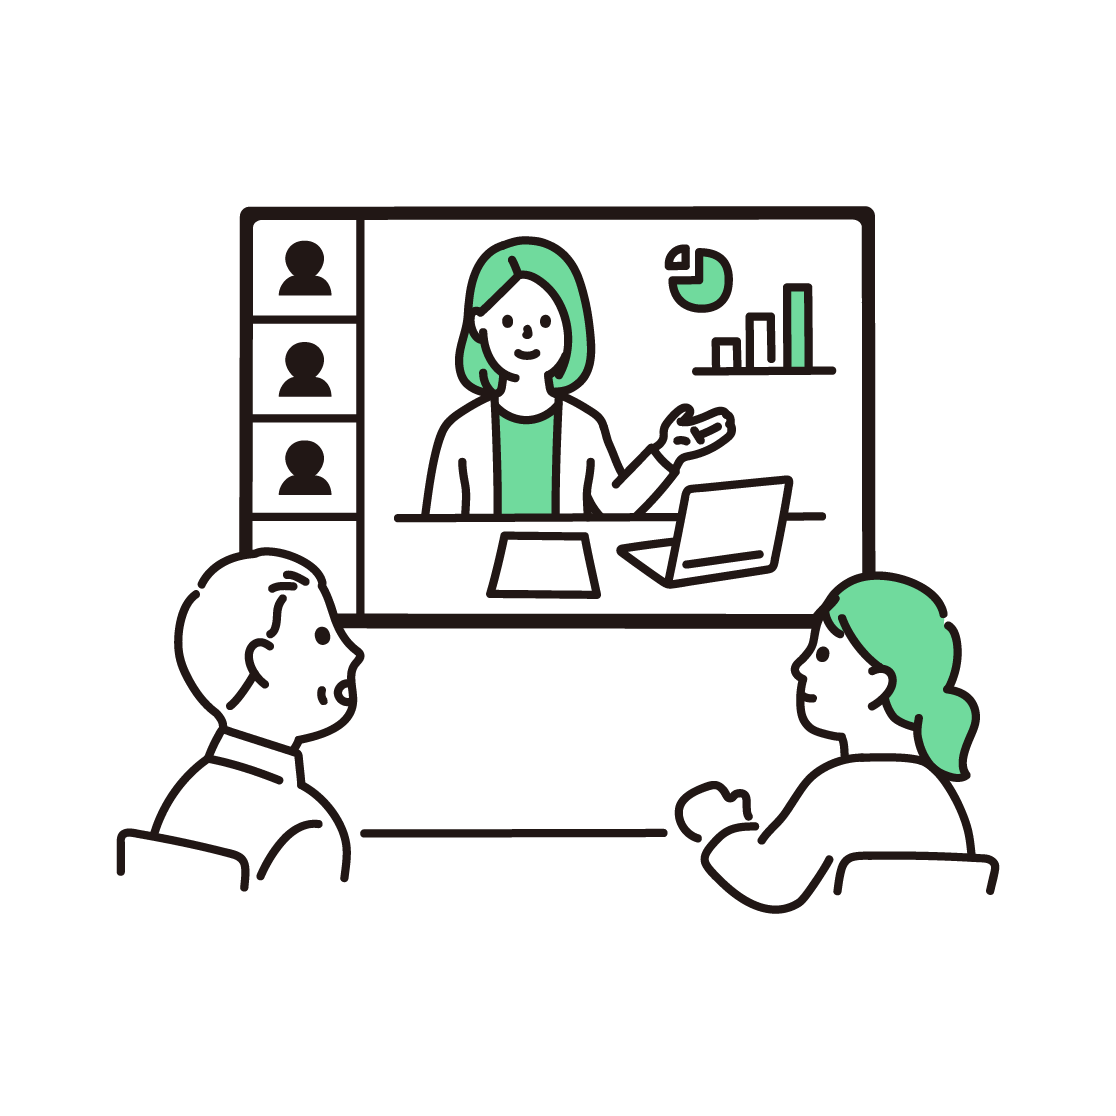 ビデオ会議の単色イラスト